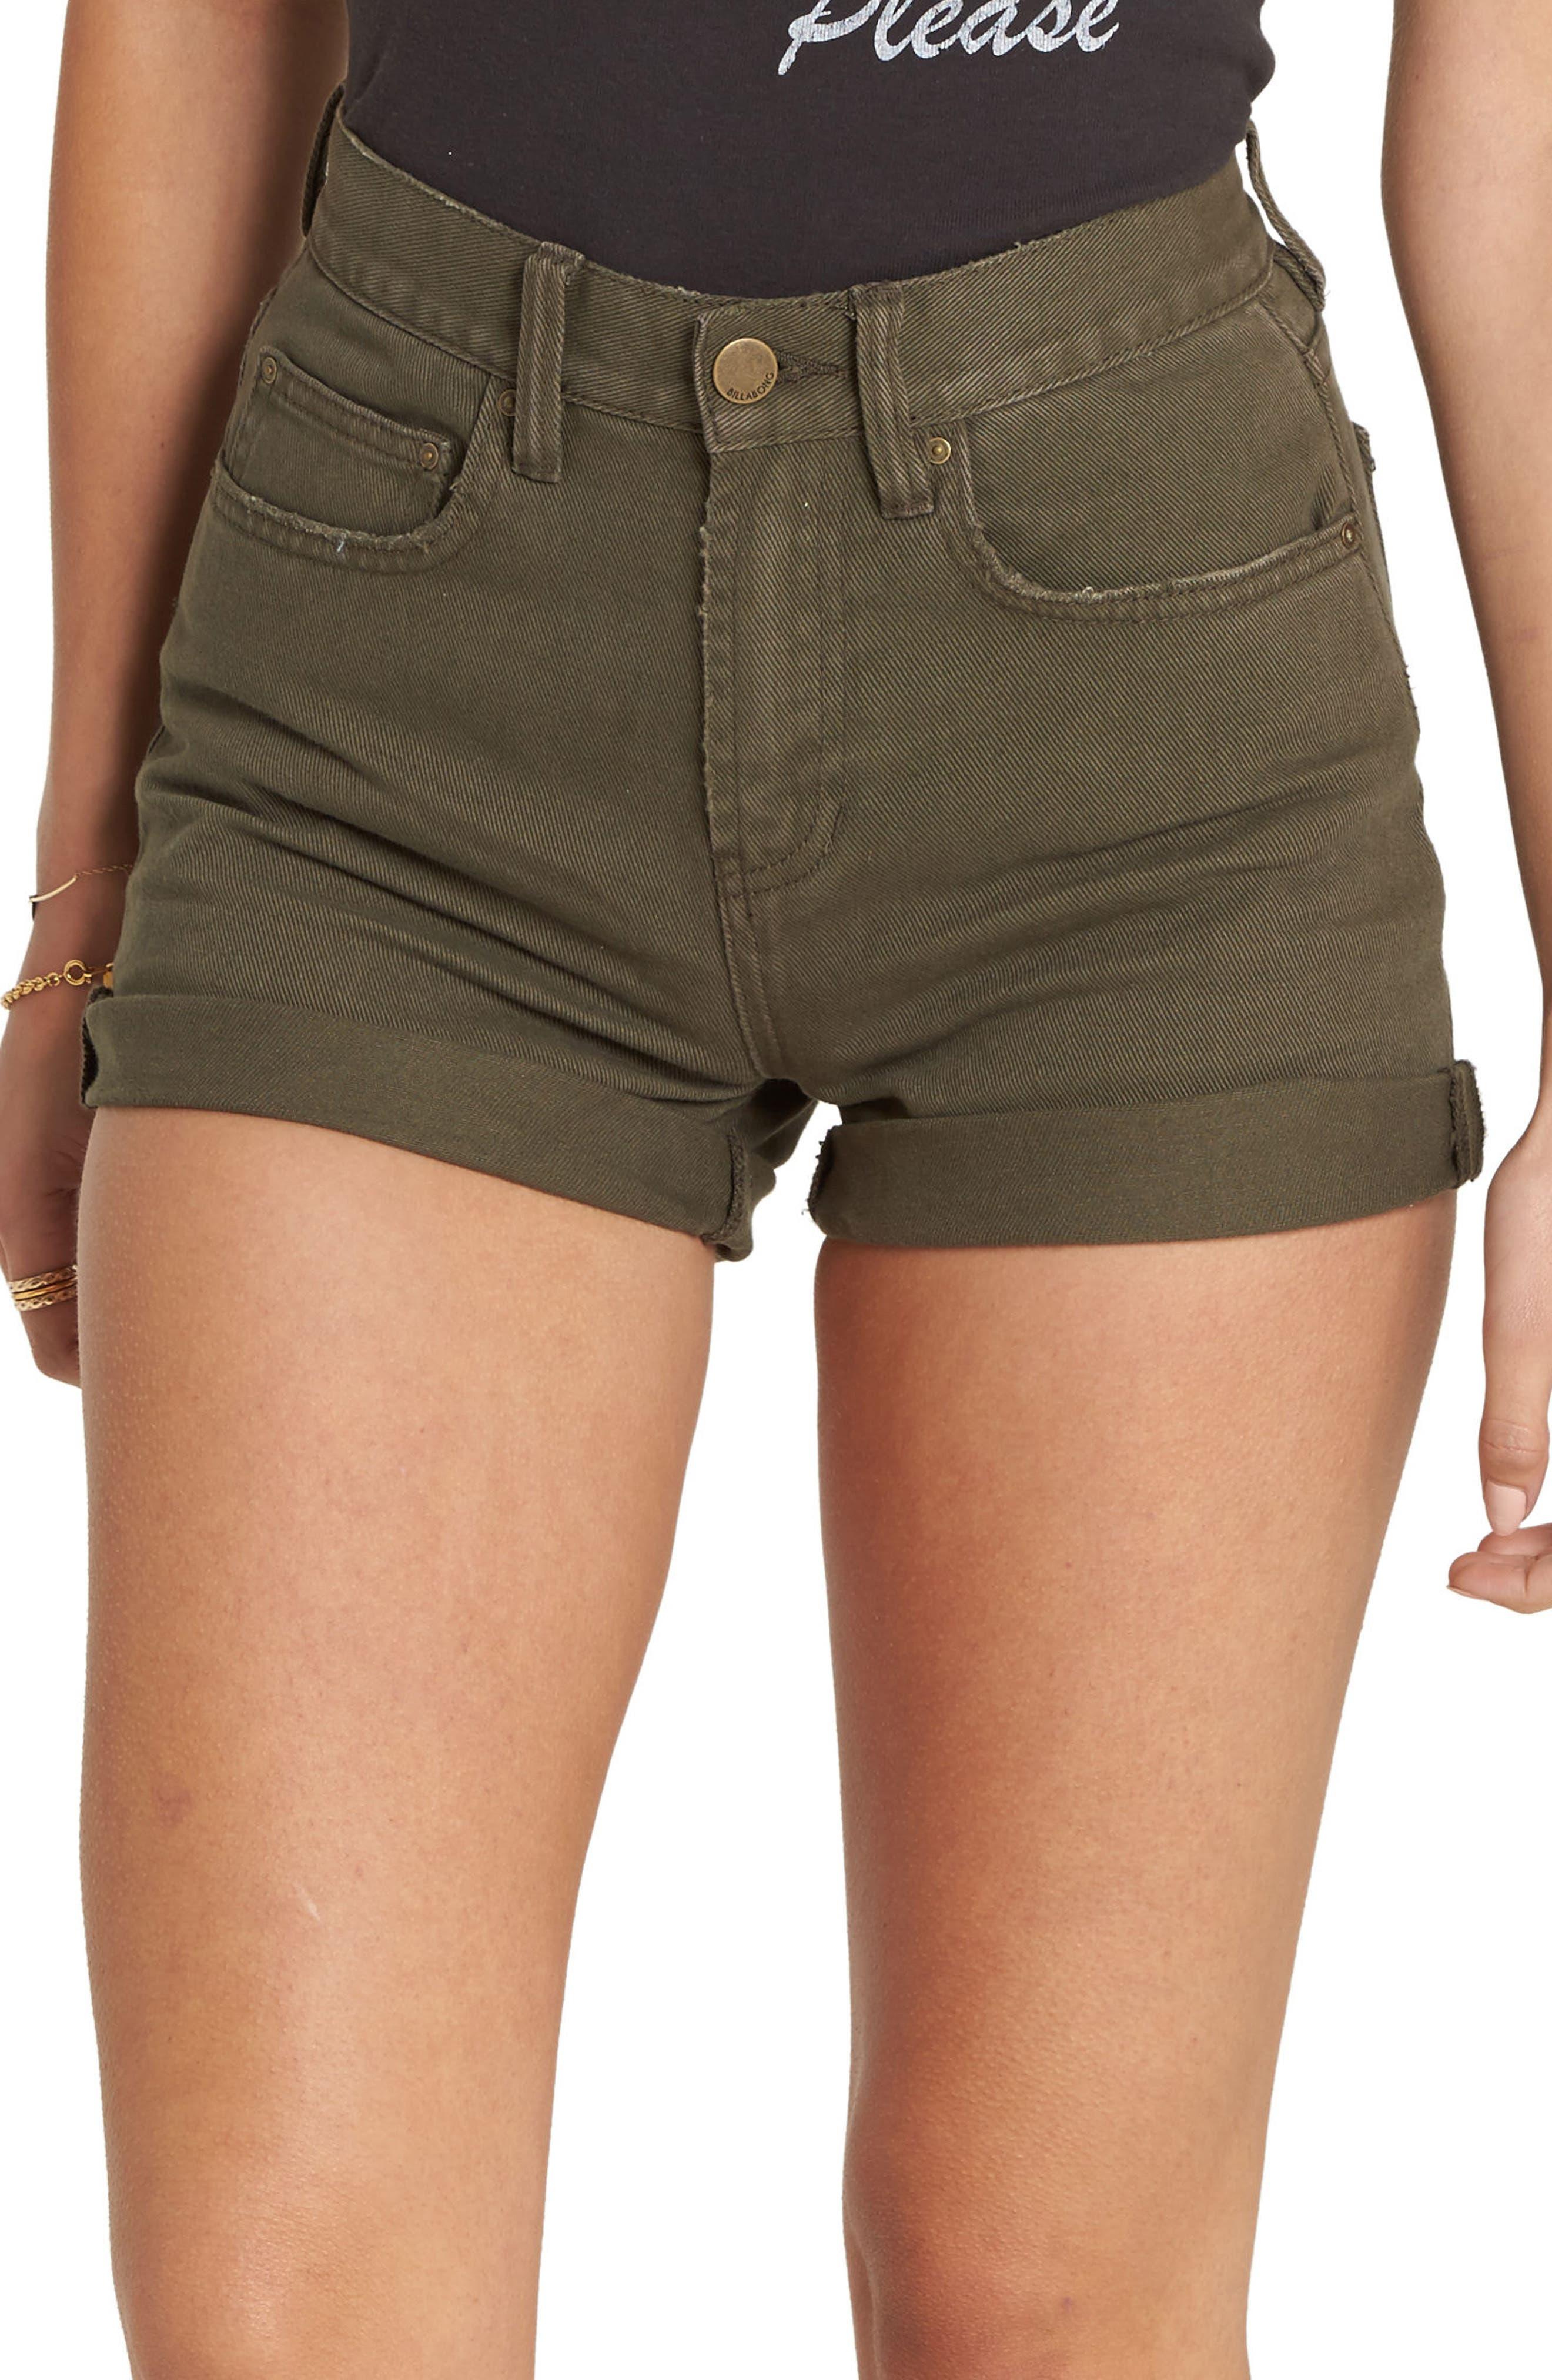 High Tide Denim Shorts,                         Main,                         color, Olive